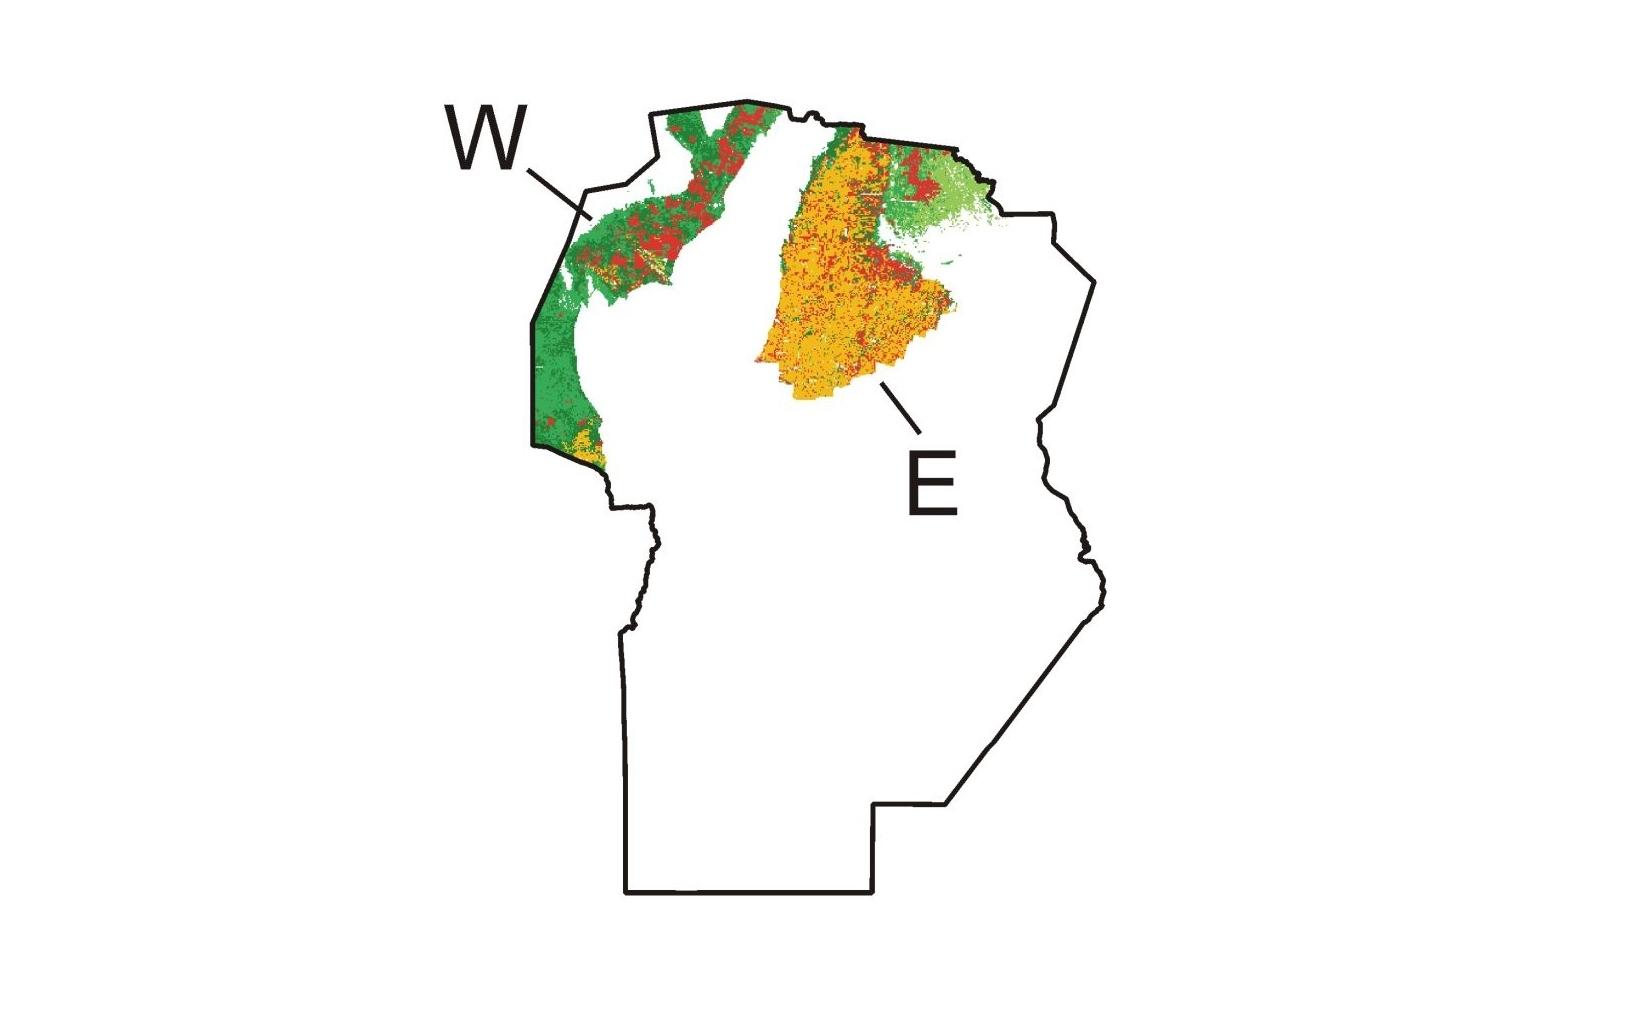 Cambios en las compensaciones entre agricultura y biodiversidad en el Chaco argentino